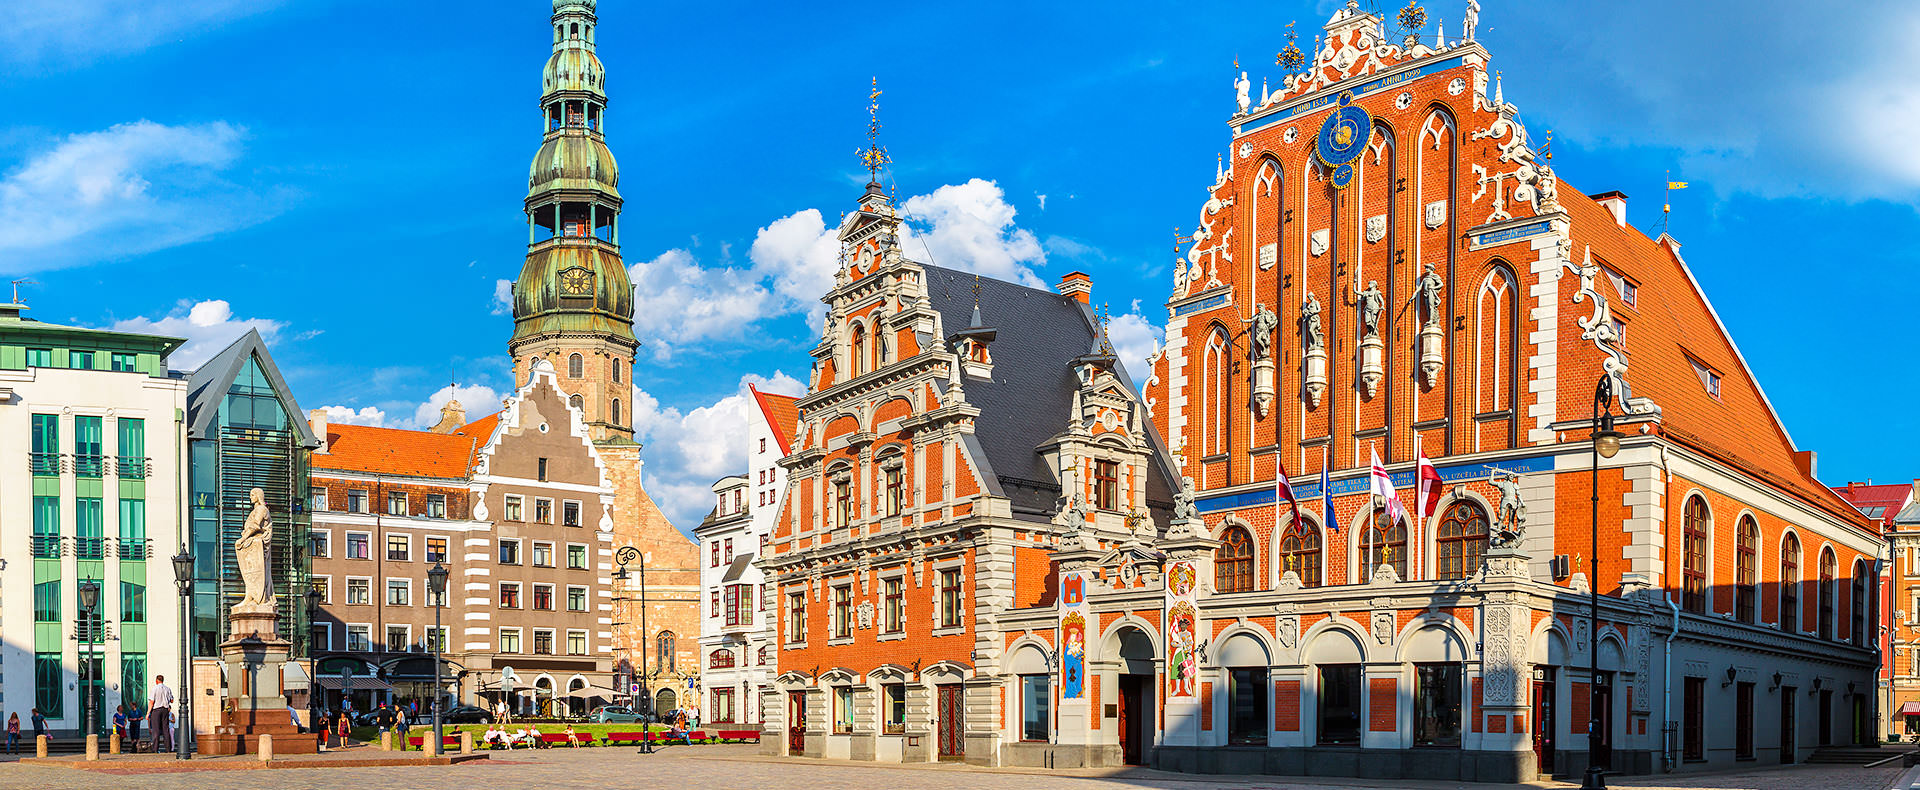 Latvia, Riga